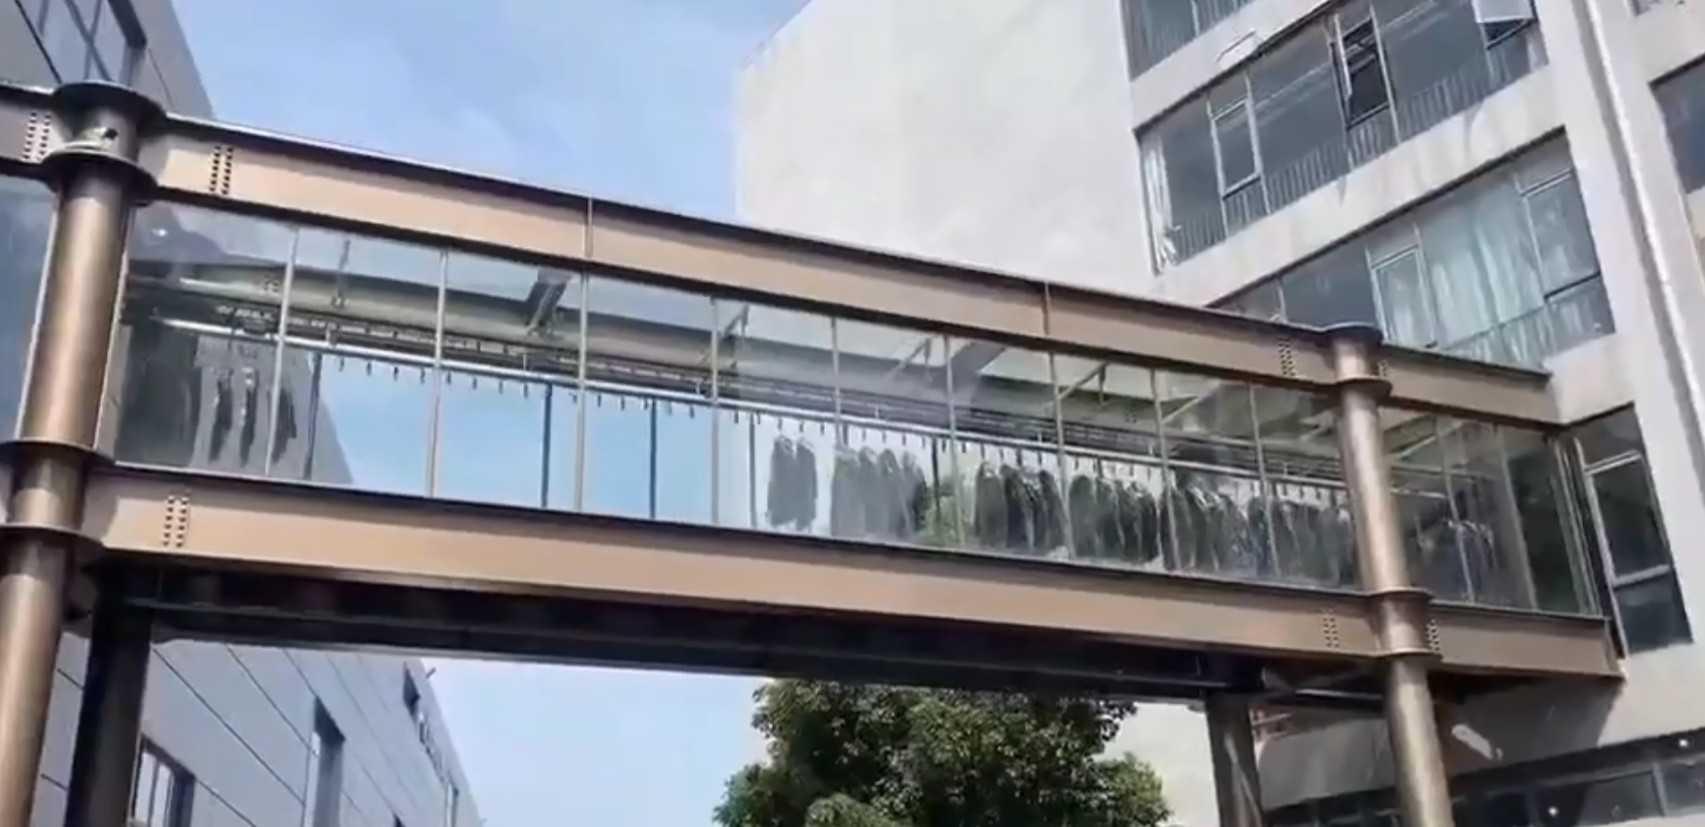 Garment Conveyor Overpass Cross Building Bridge Corridor